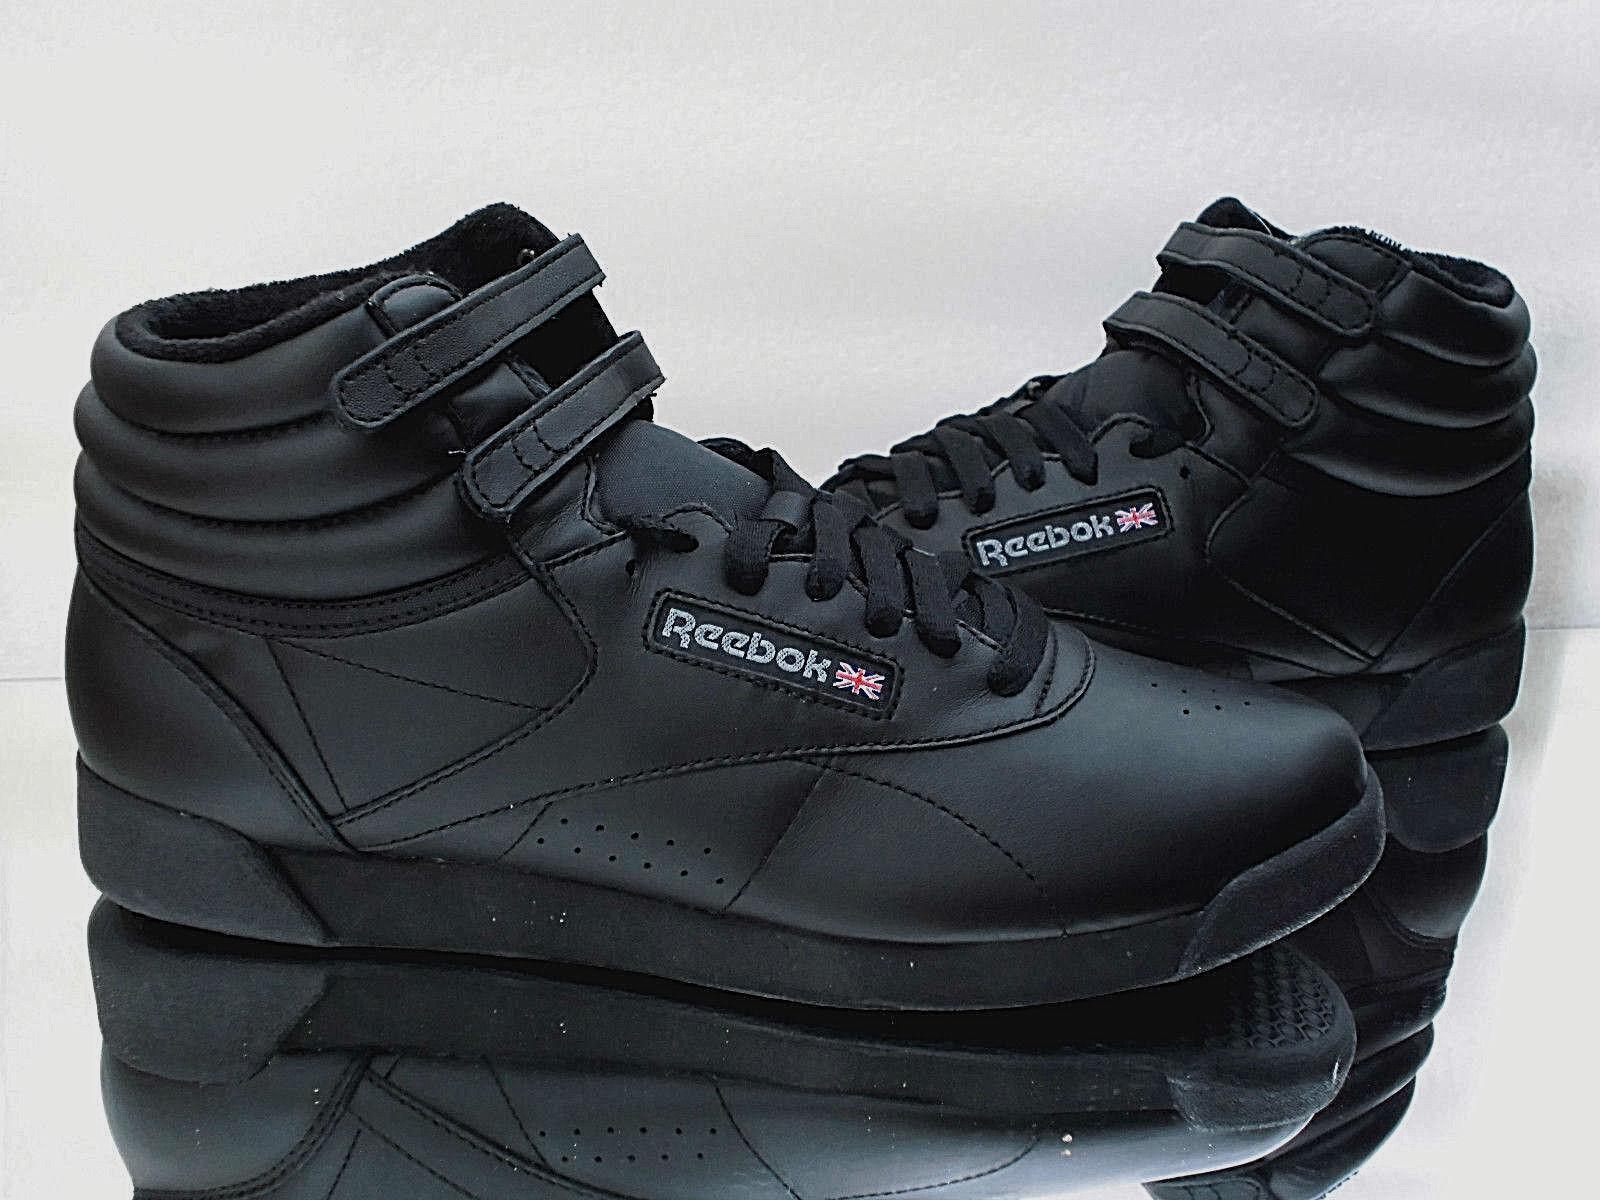 Los zapatos más populares para hombres y mujeres Reebok señora botas Freestyle Hi Black cuero zapatos casual zapatillas 2240 nuevo